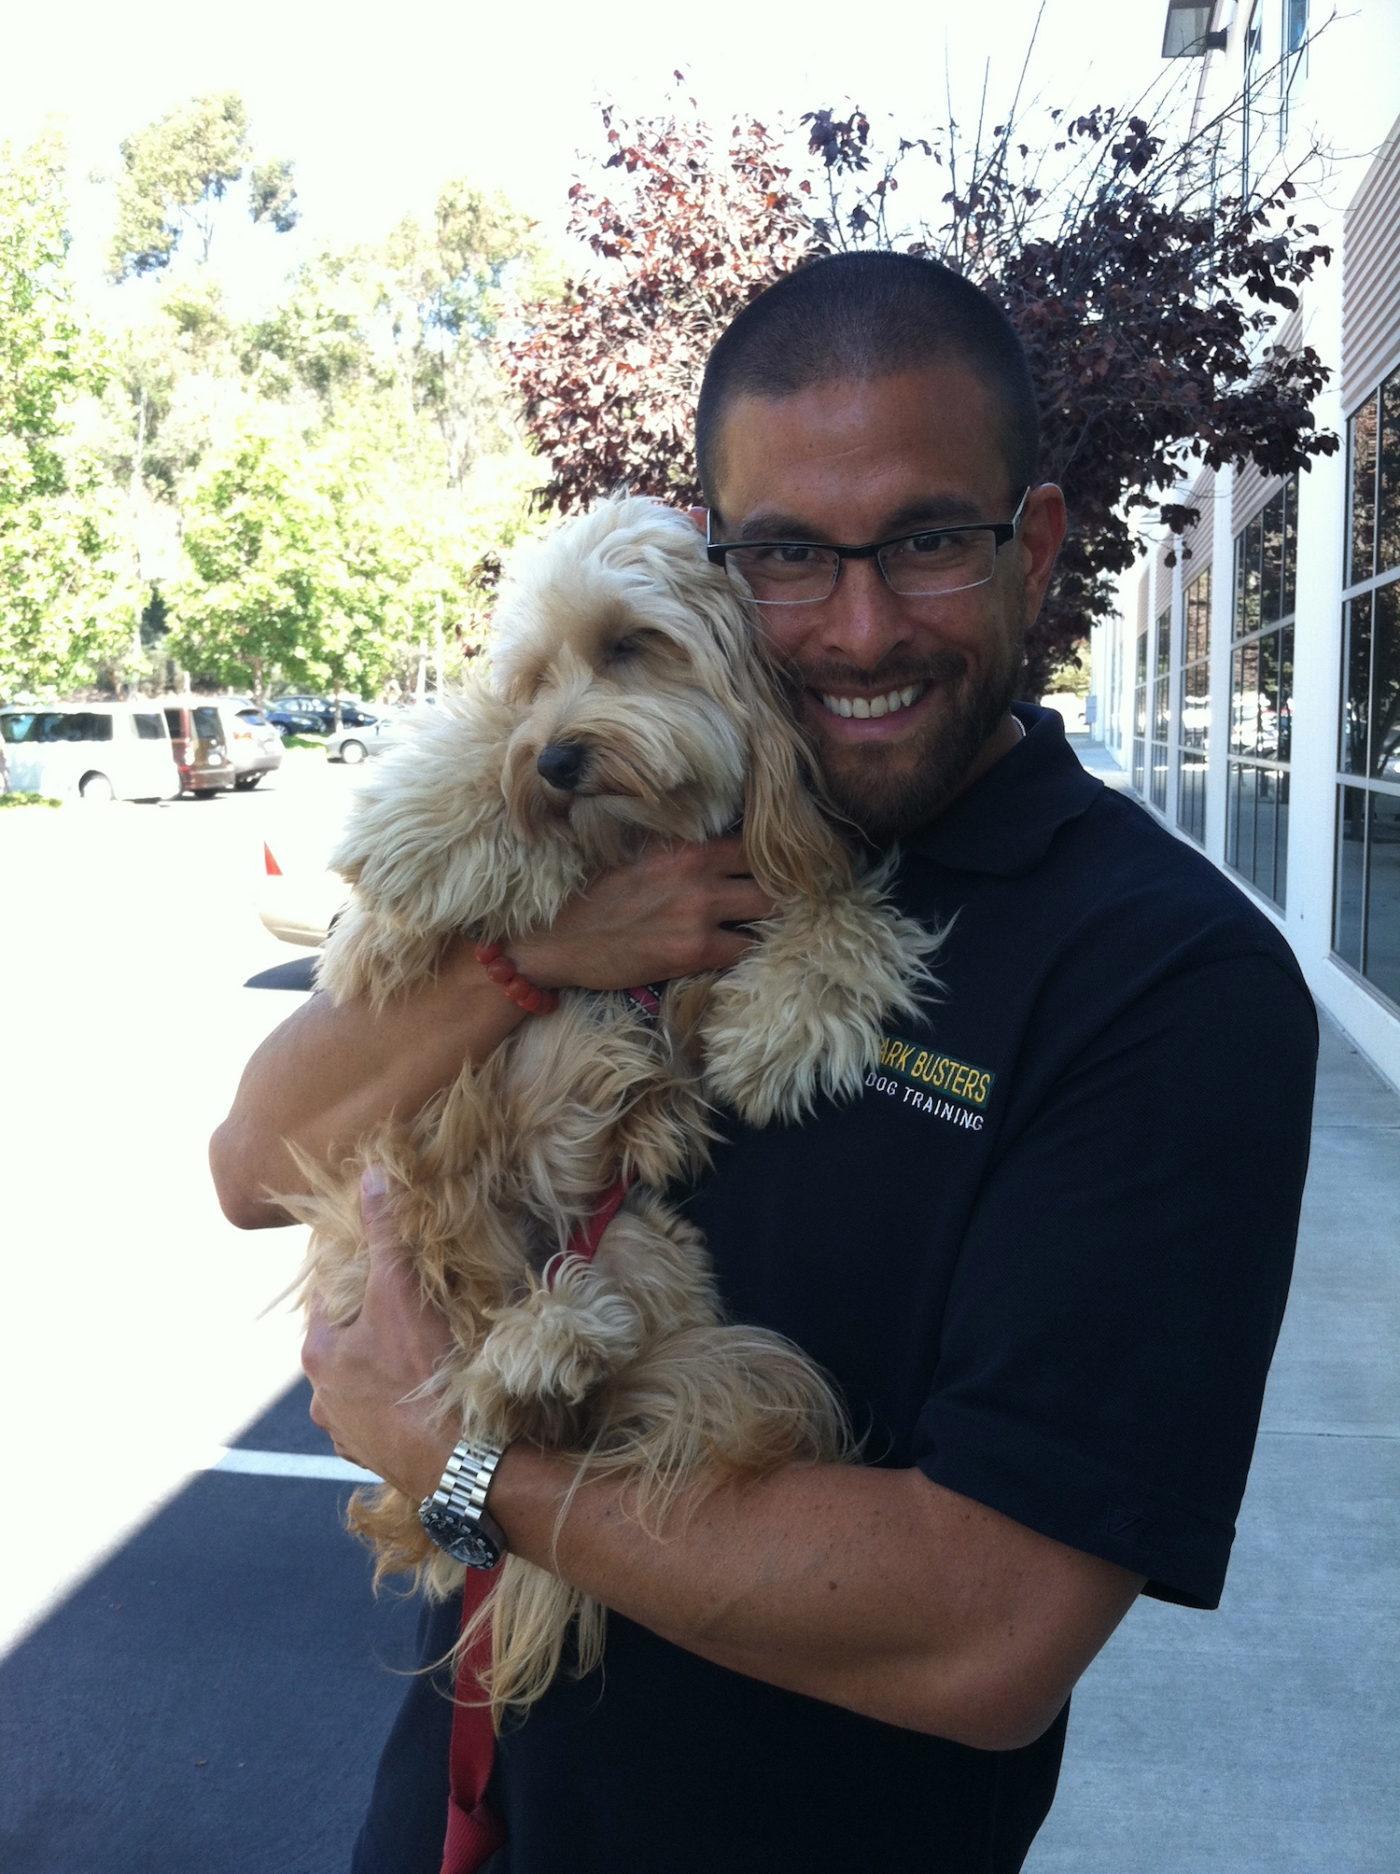 #doggielove, #greatpuppytrainers, #puppytrainersinmyarea